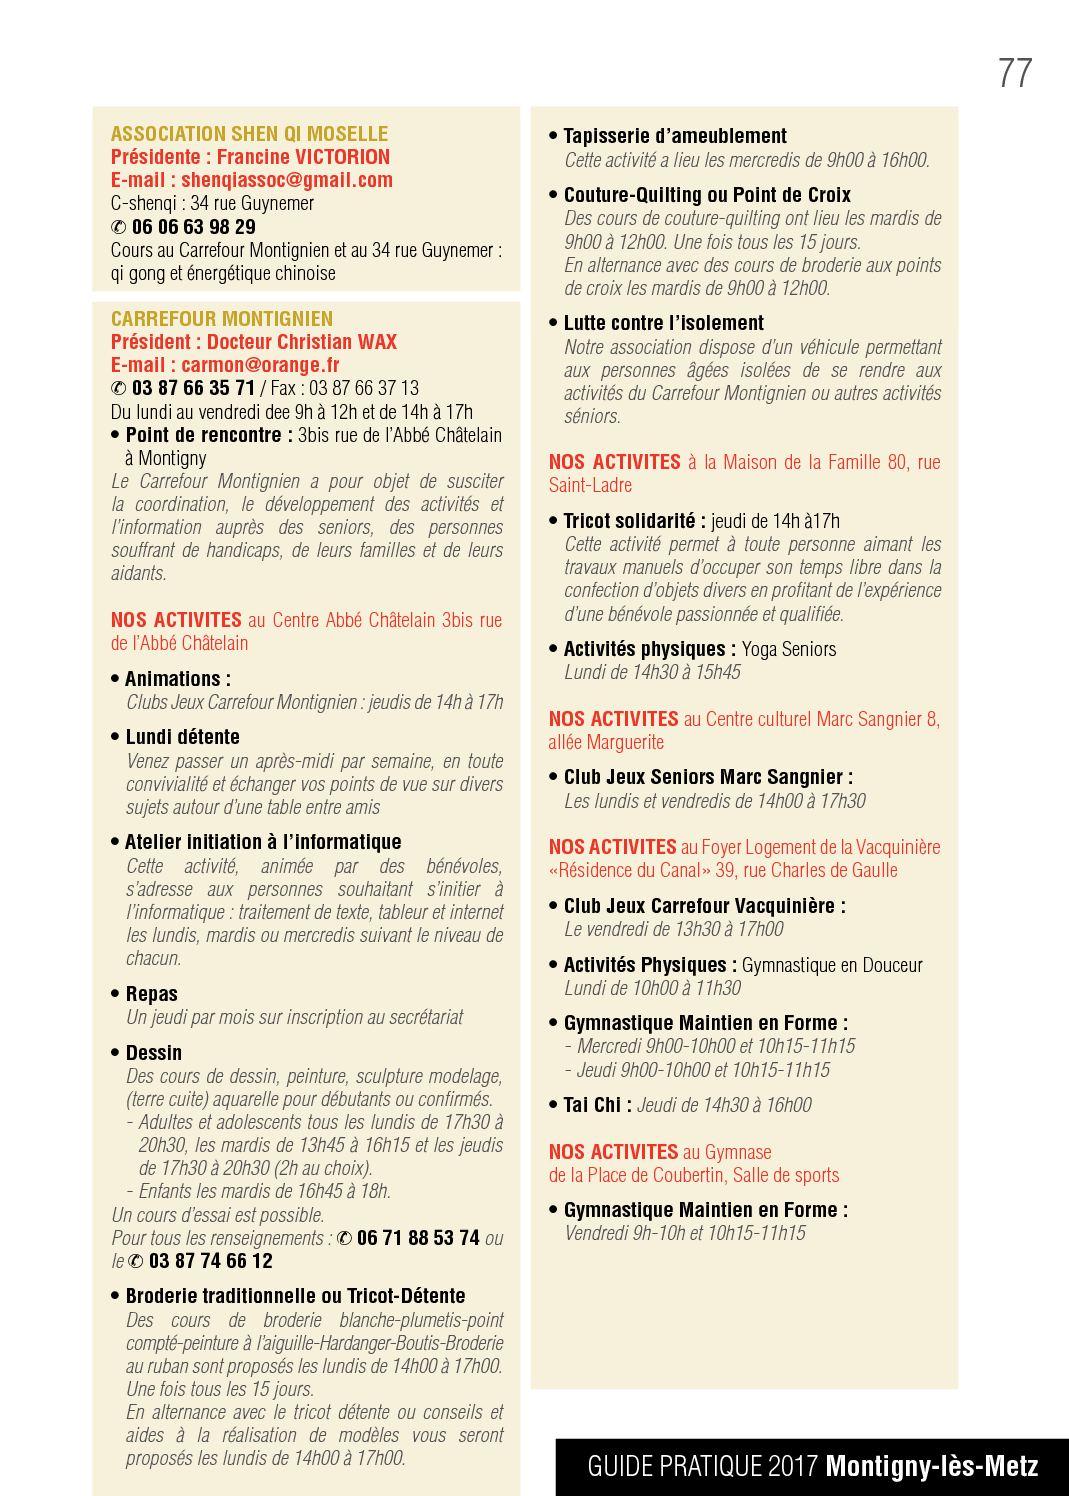 Guide Pratique 2017 Calameo Downloader